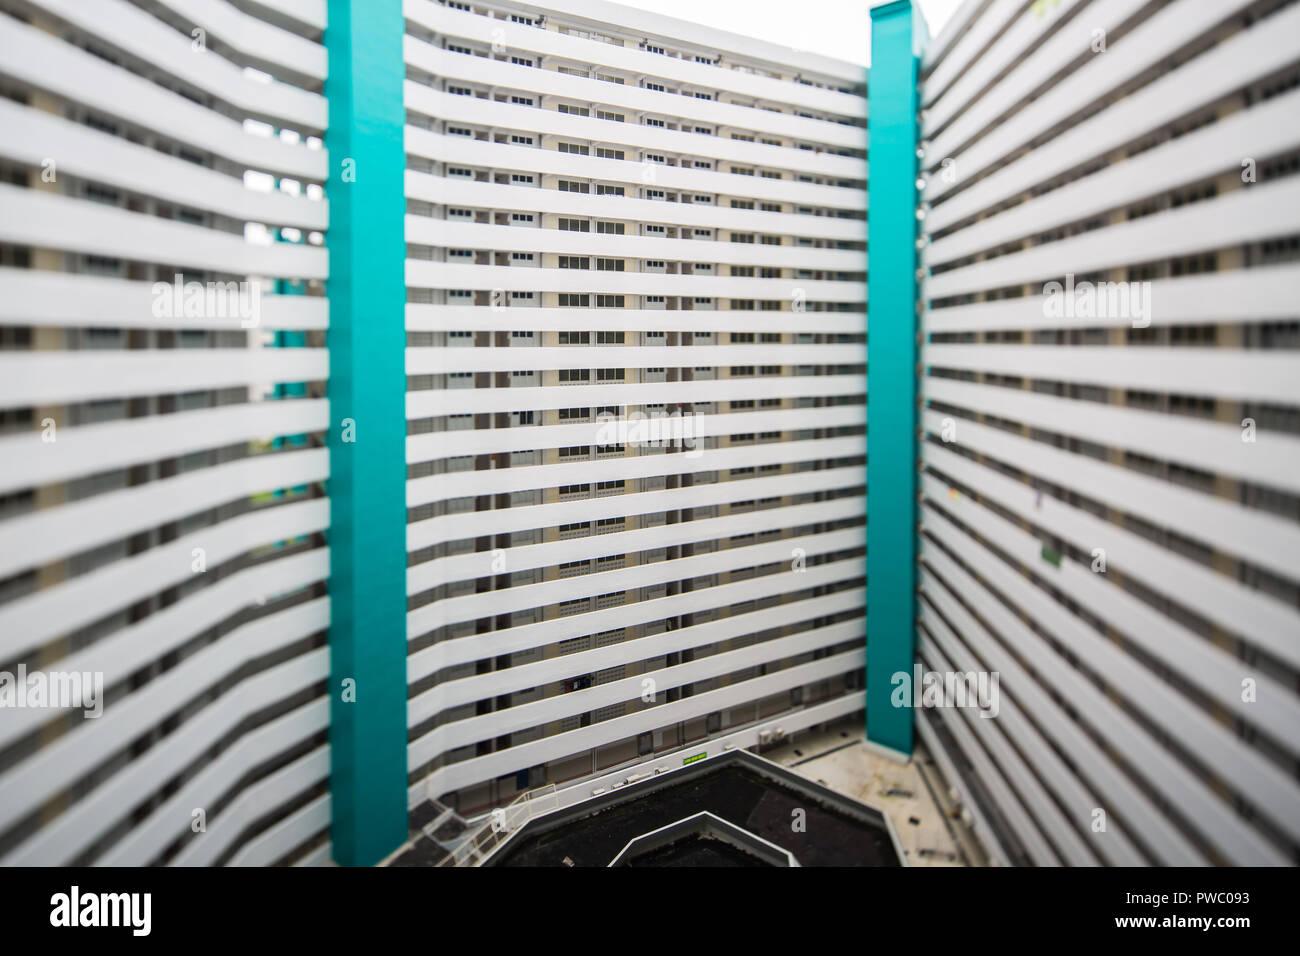 Une forme de diamant HDB bloc à Jurong Taman à Singapour. Banque D'Images